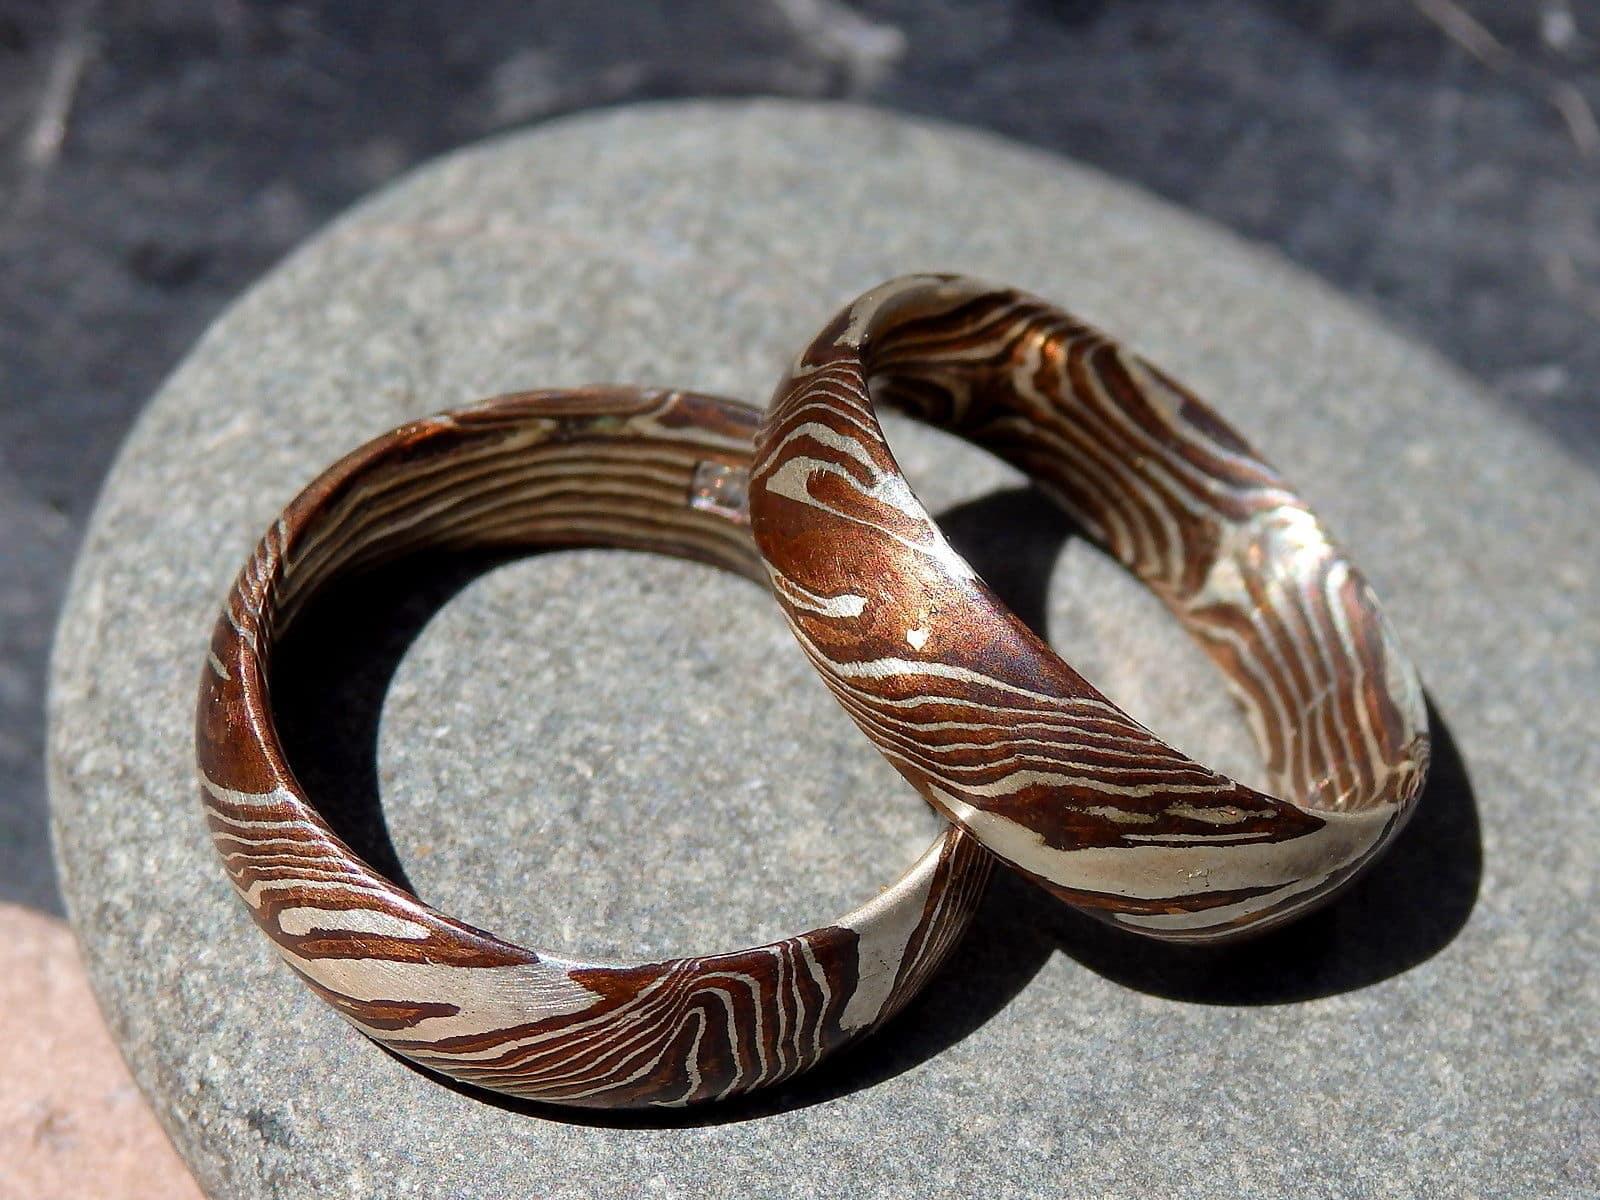 mokume gane geätzt gold 750 spinell zum produkt unikat ring mokume ...